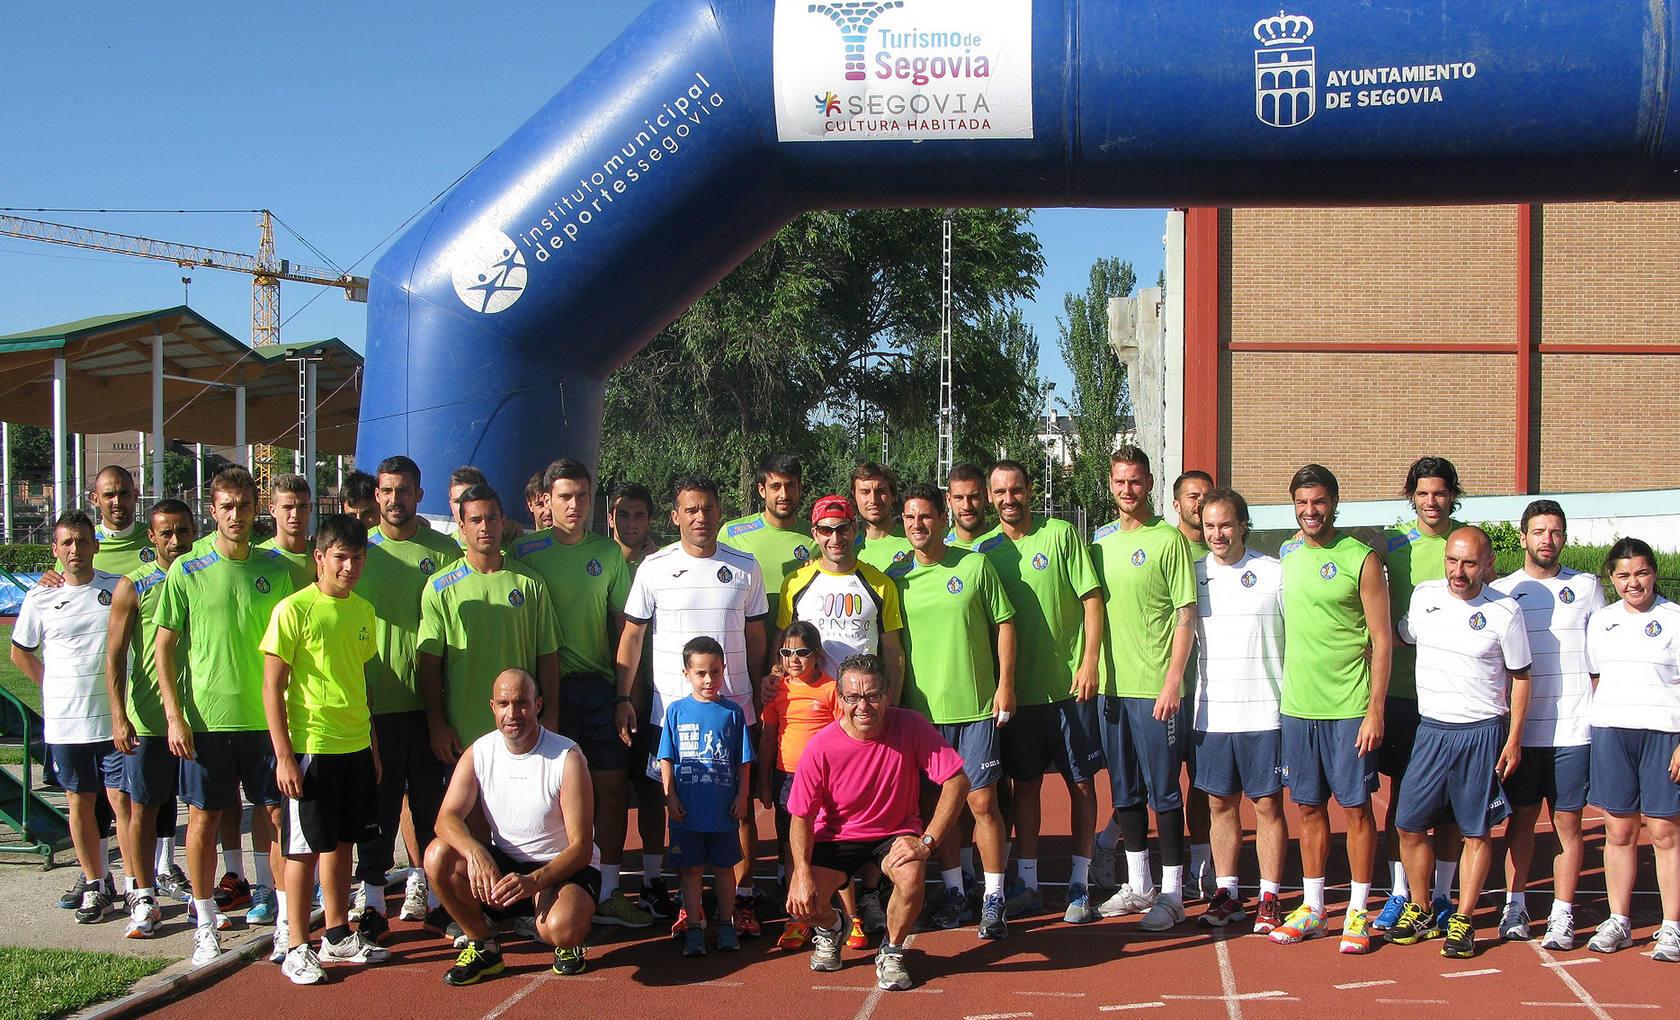 David Mora consigue el reto de correr durante 24 horas en Segovia por una causa solidaria